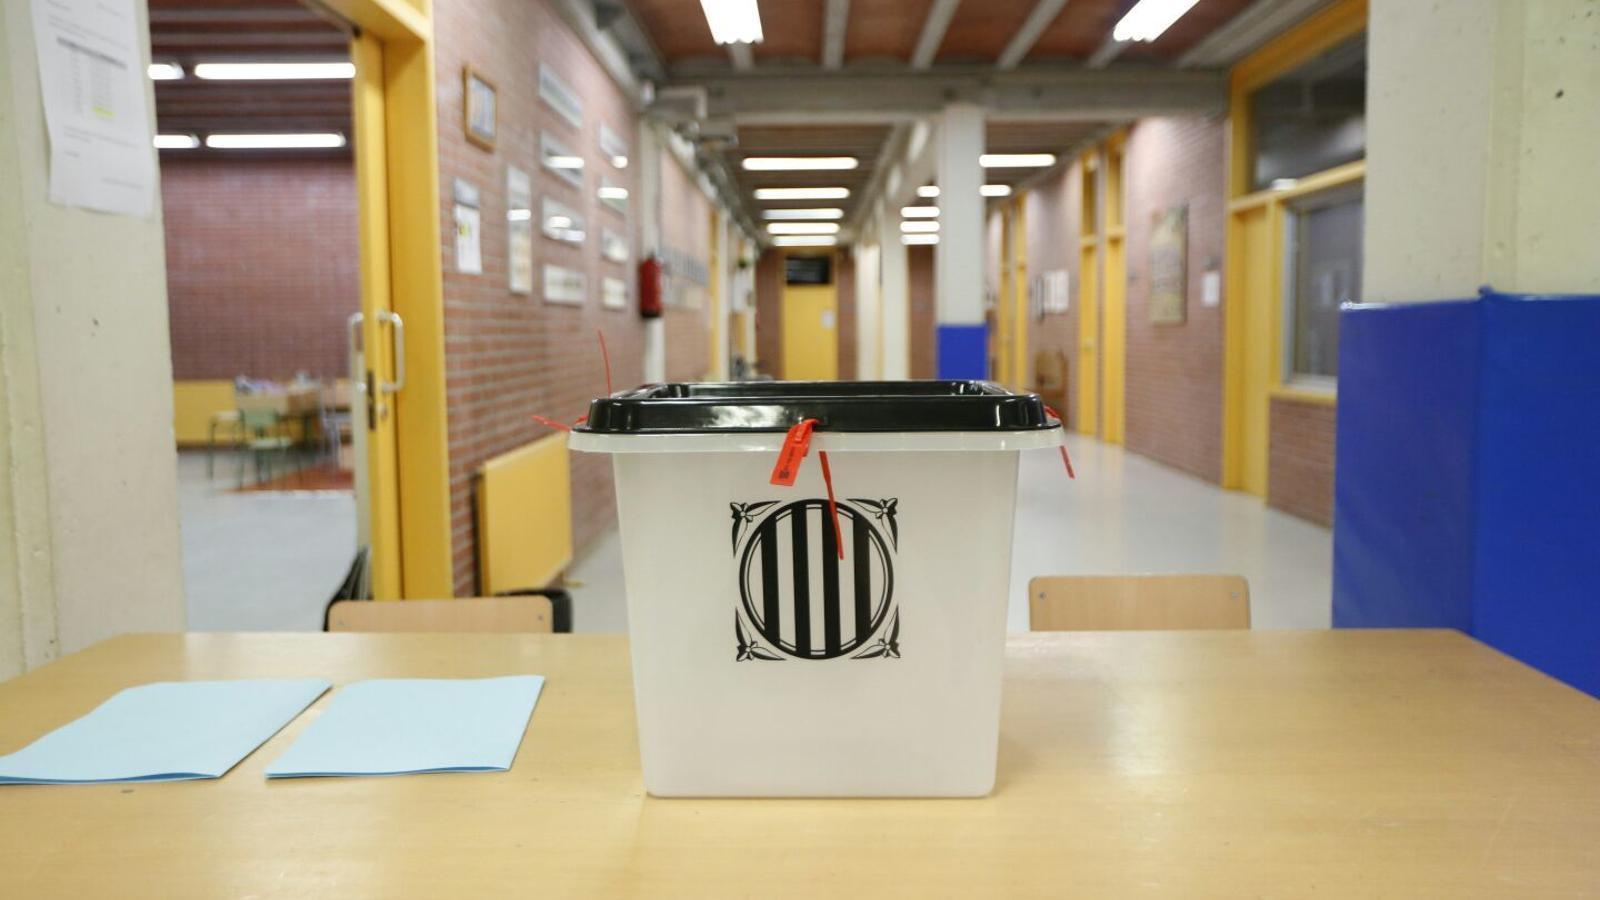 Urnes, paperetes, i cues per votar: els col·legis electorals comencen a prendre forma